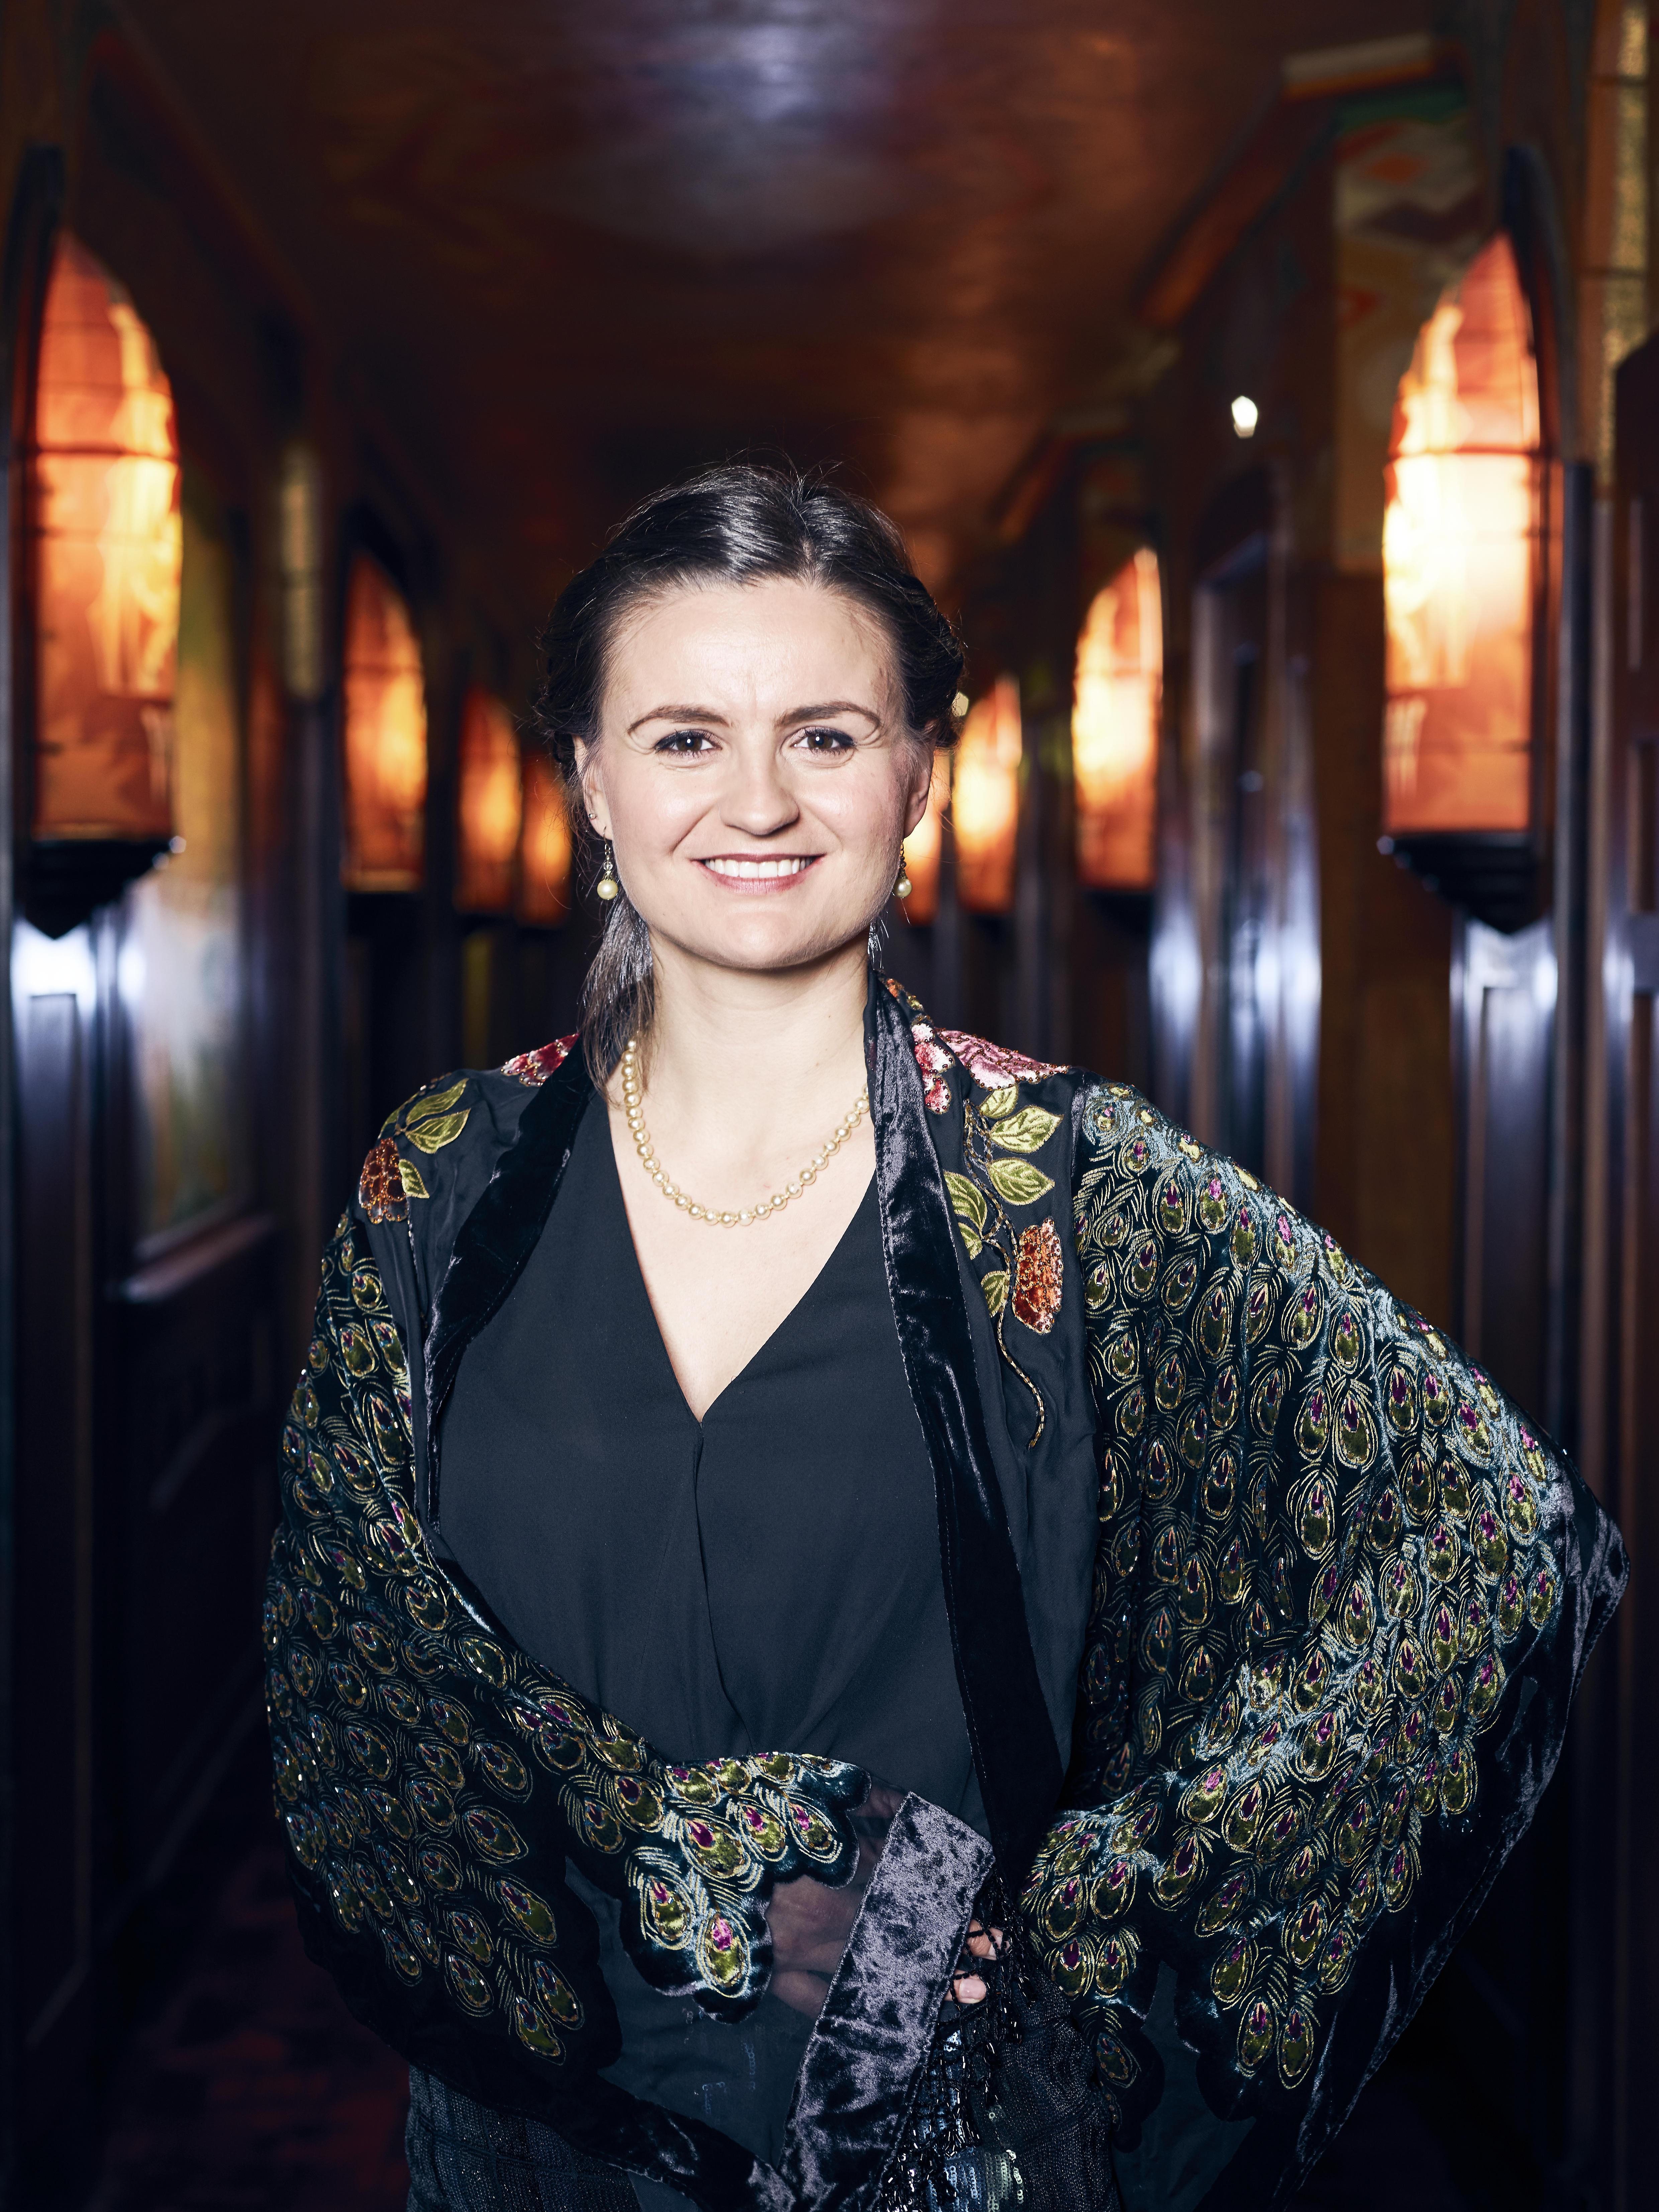 Anna Stegmann